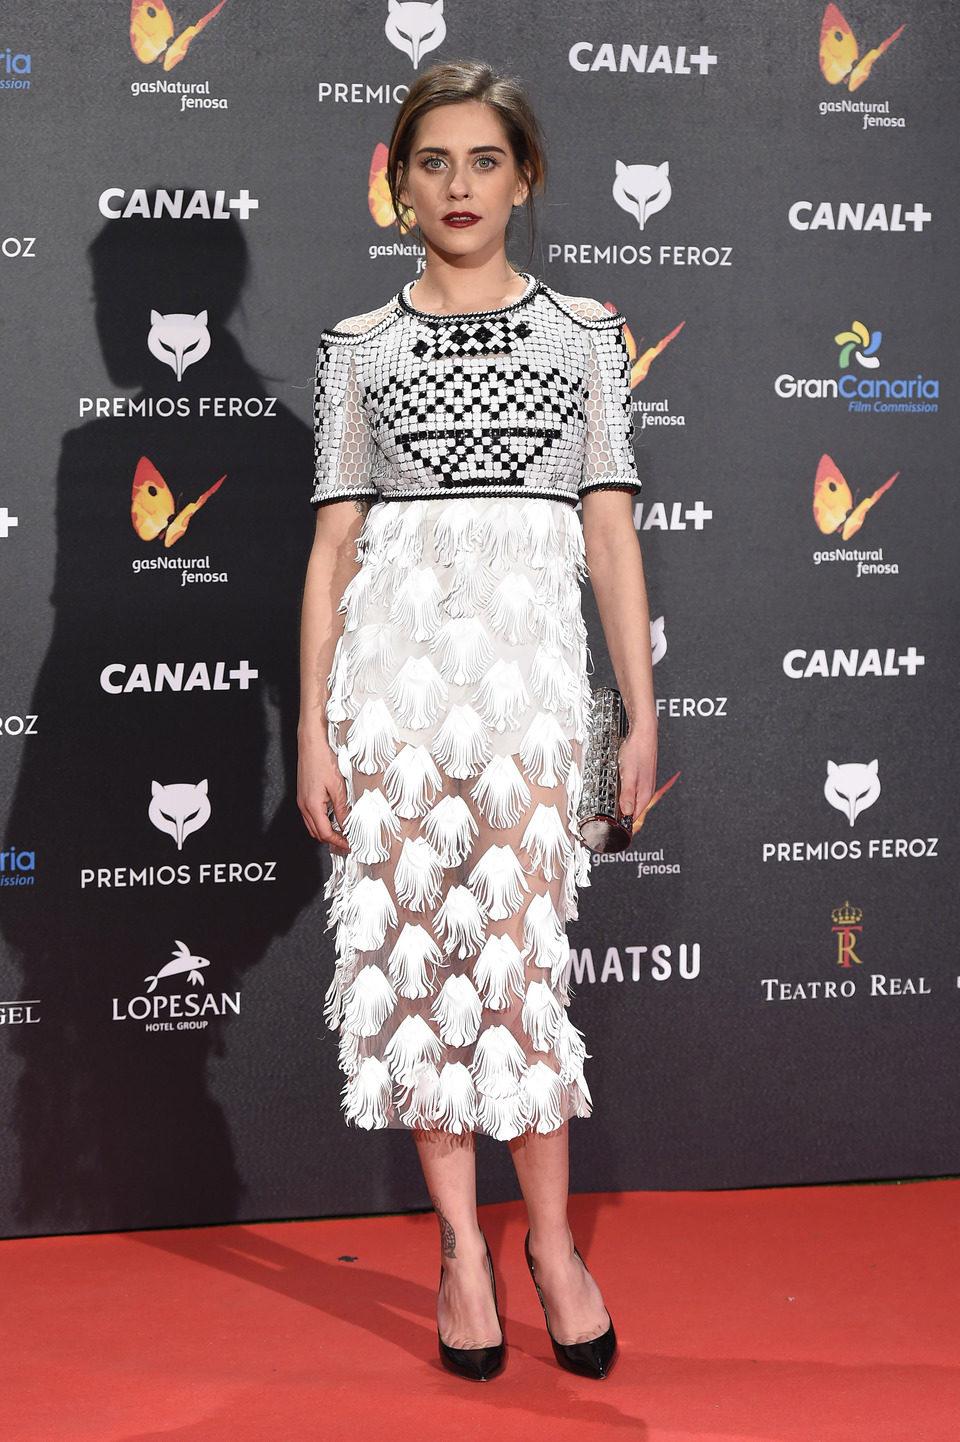 María León en los Premios Feroz 2015